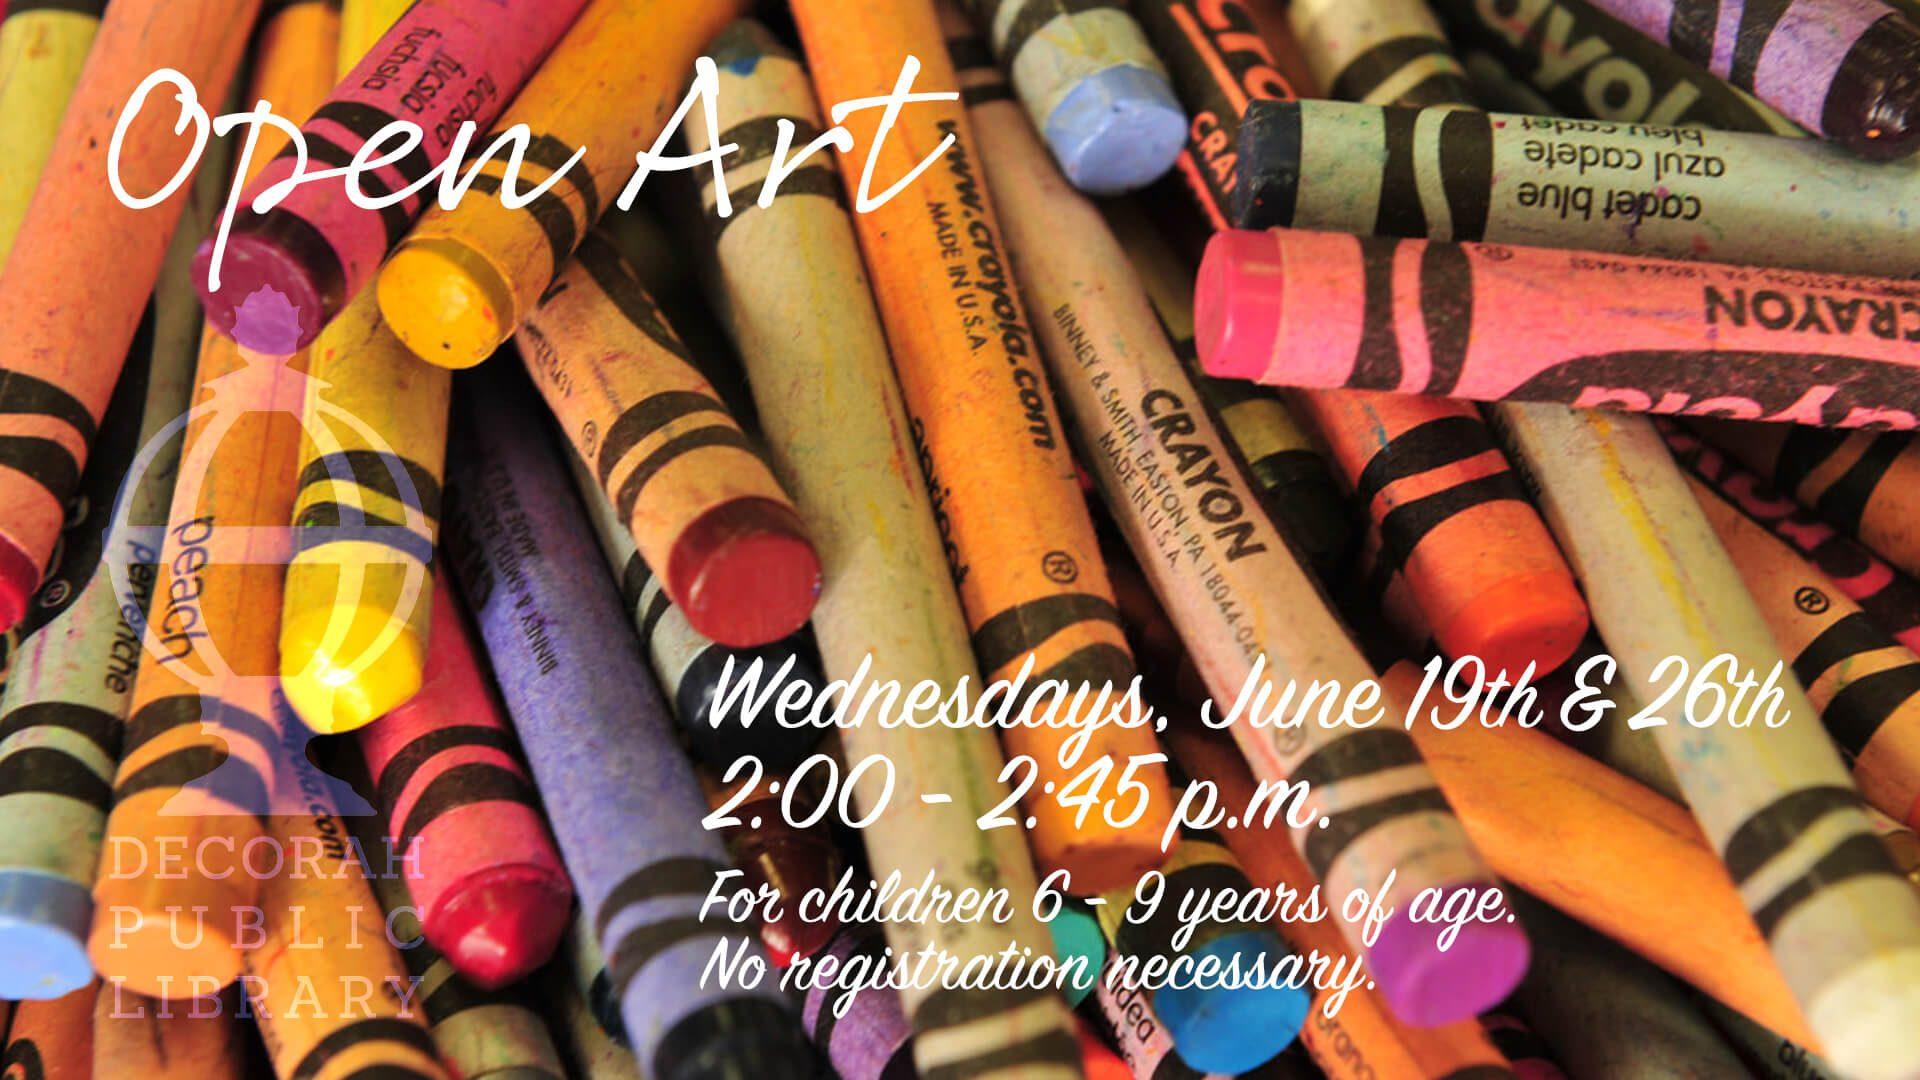 Open Art Jun19 26